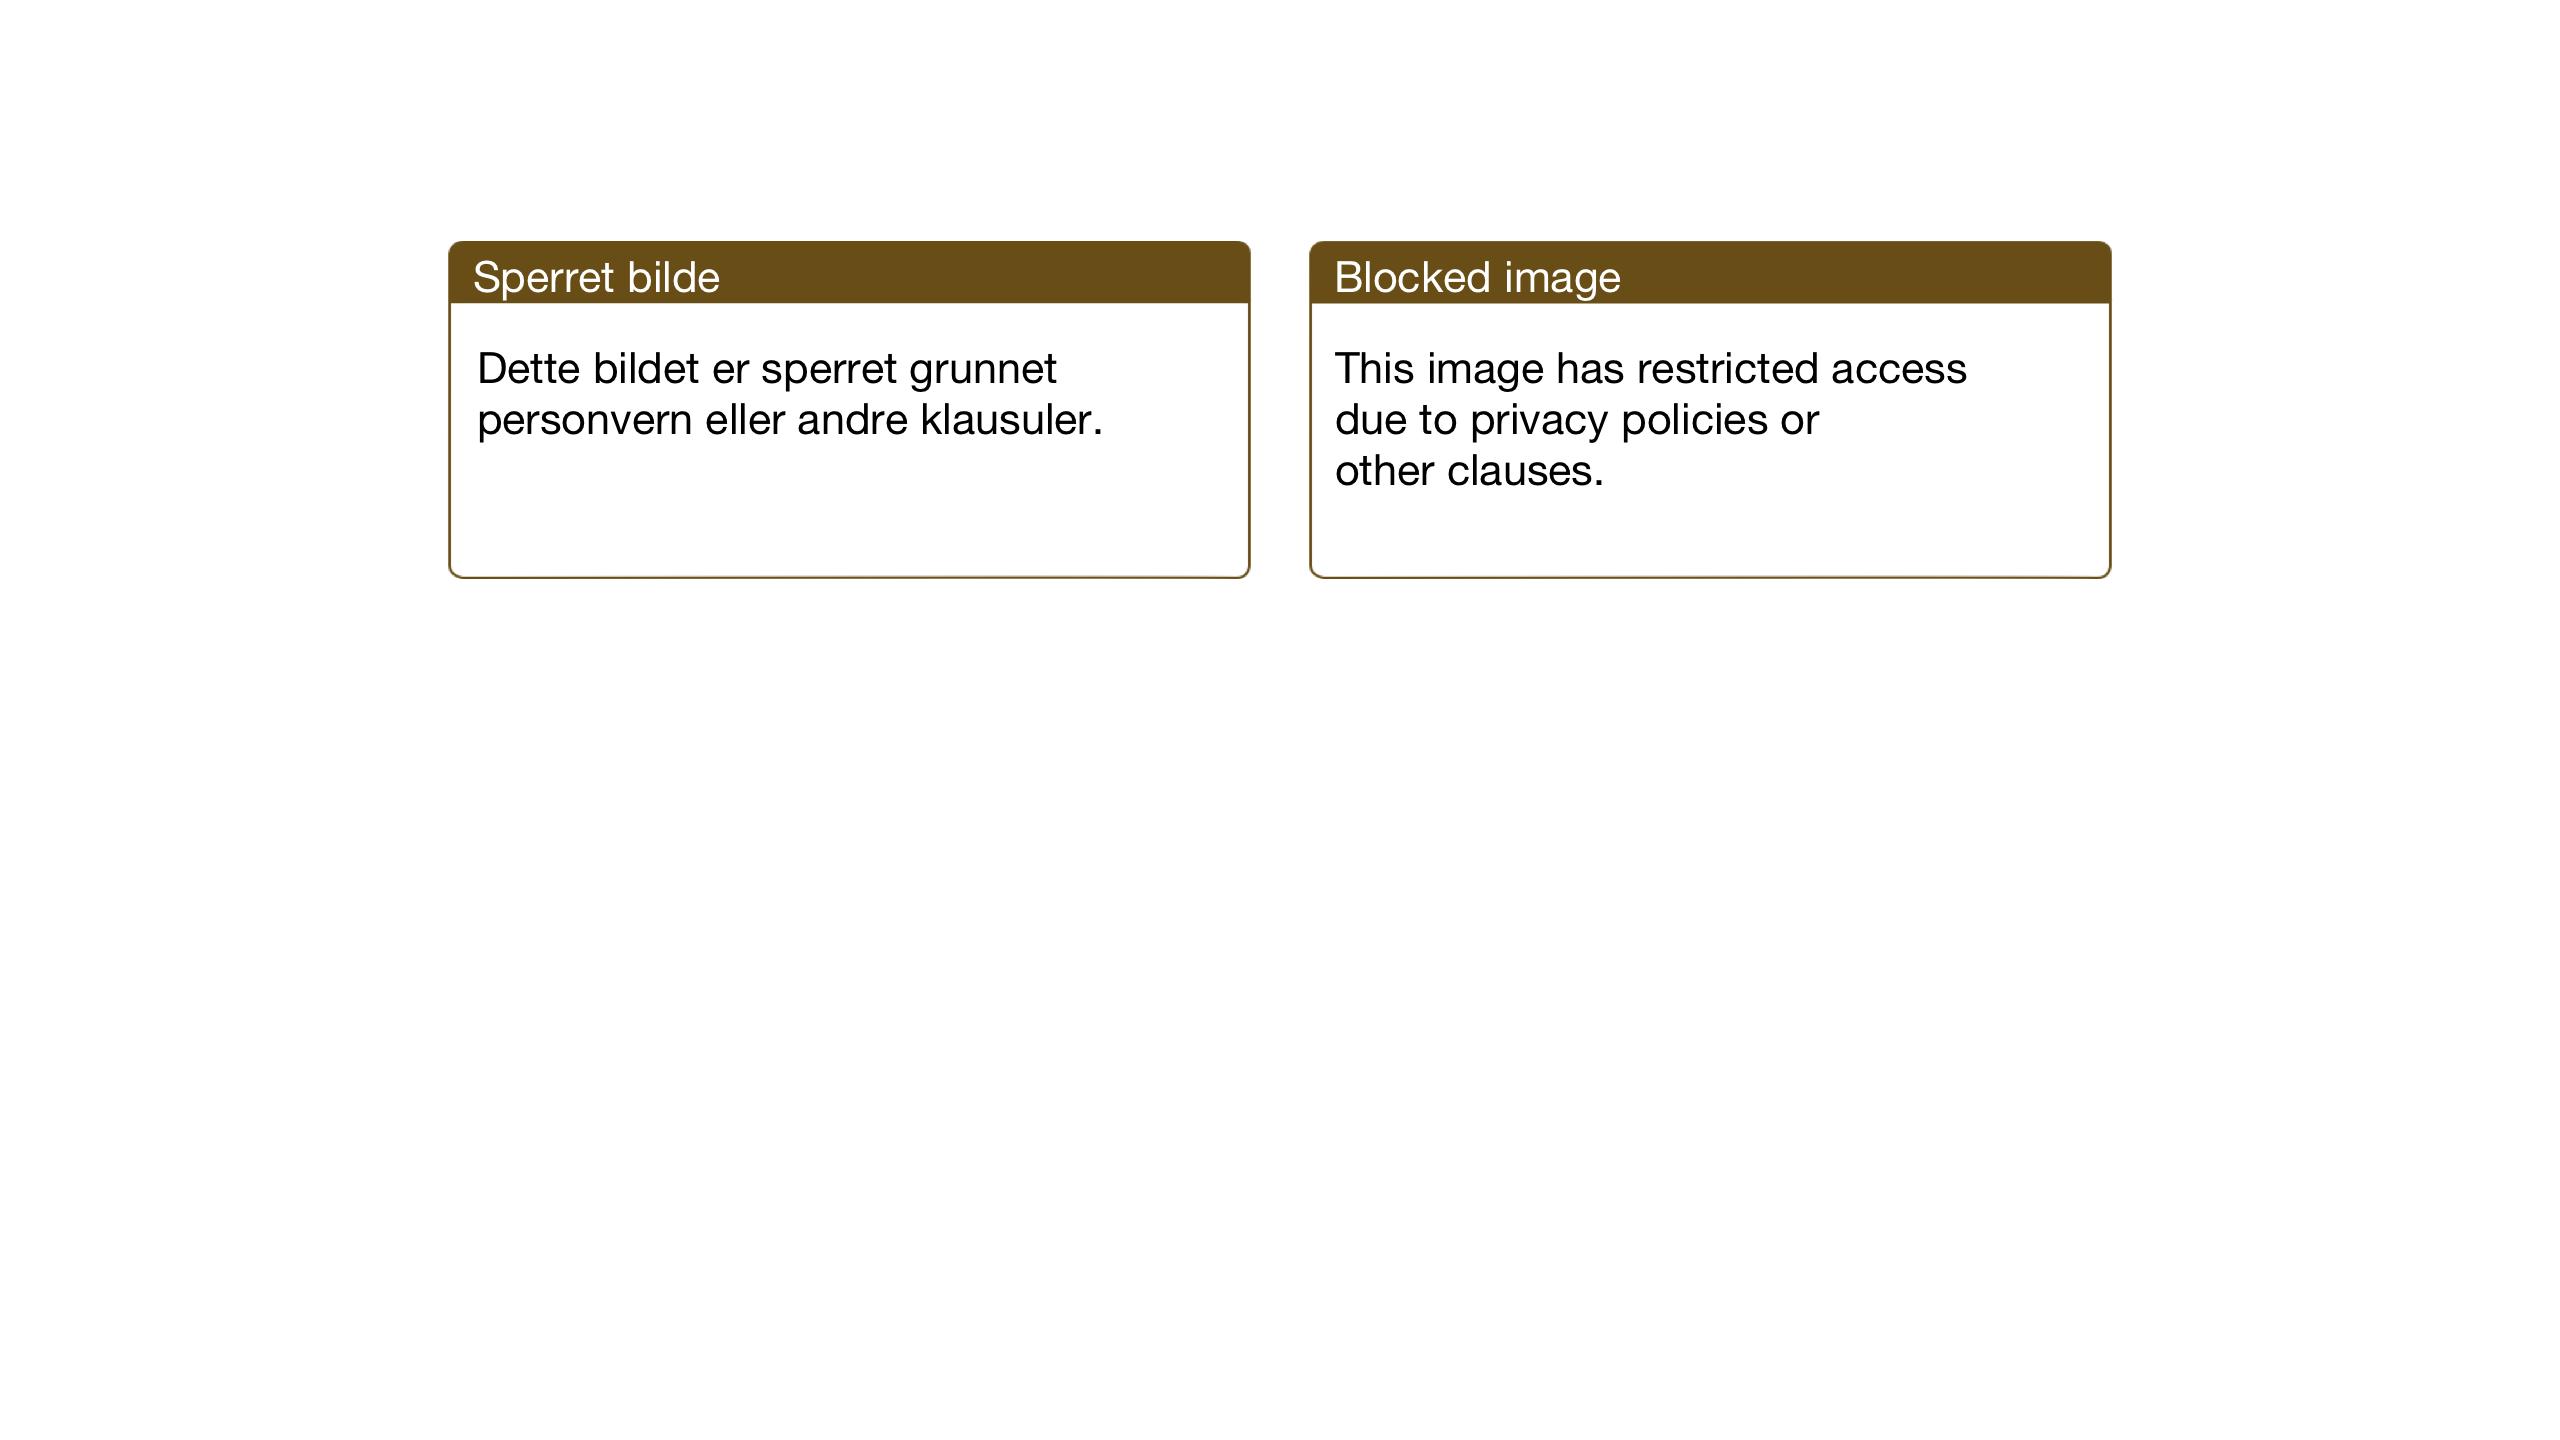 SAT, Ministerialprotokoller, klokkerbøker og fødselsregistre - Sør-Trøndelag, 669/L0832: Klokkerbok nr. 669C02, 1925-1953, s. 149